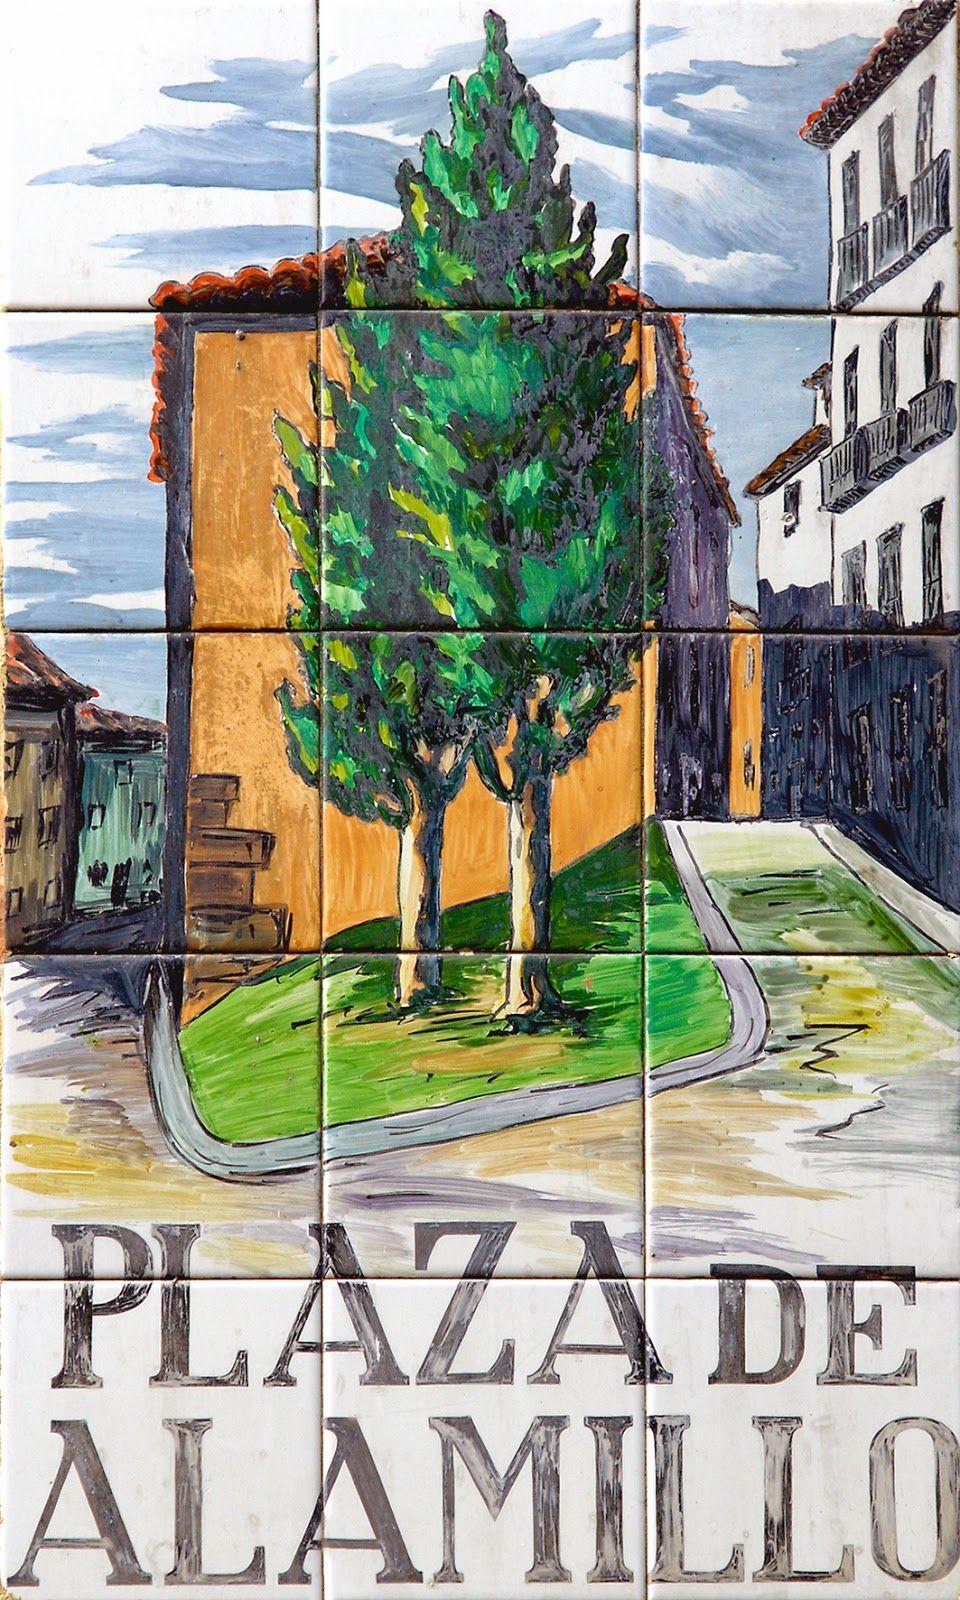 Plaza Del Alamillo Fotopaseopormadridcalles Calles De Madrid